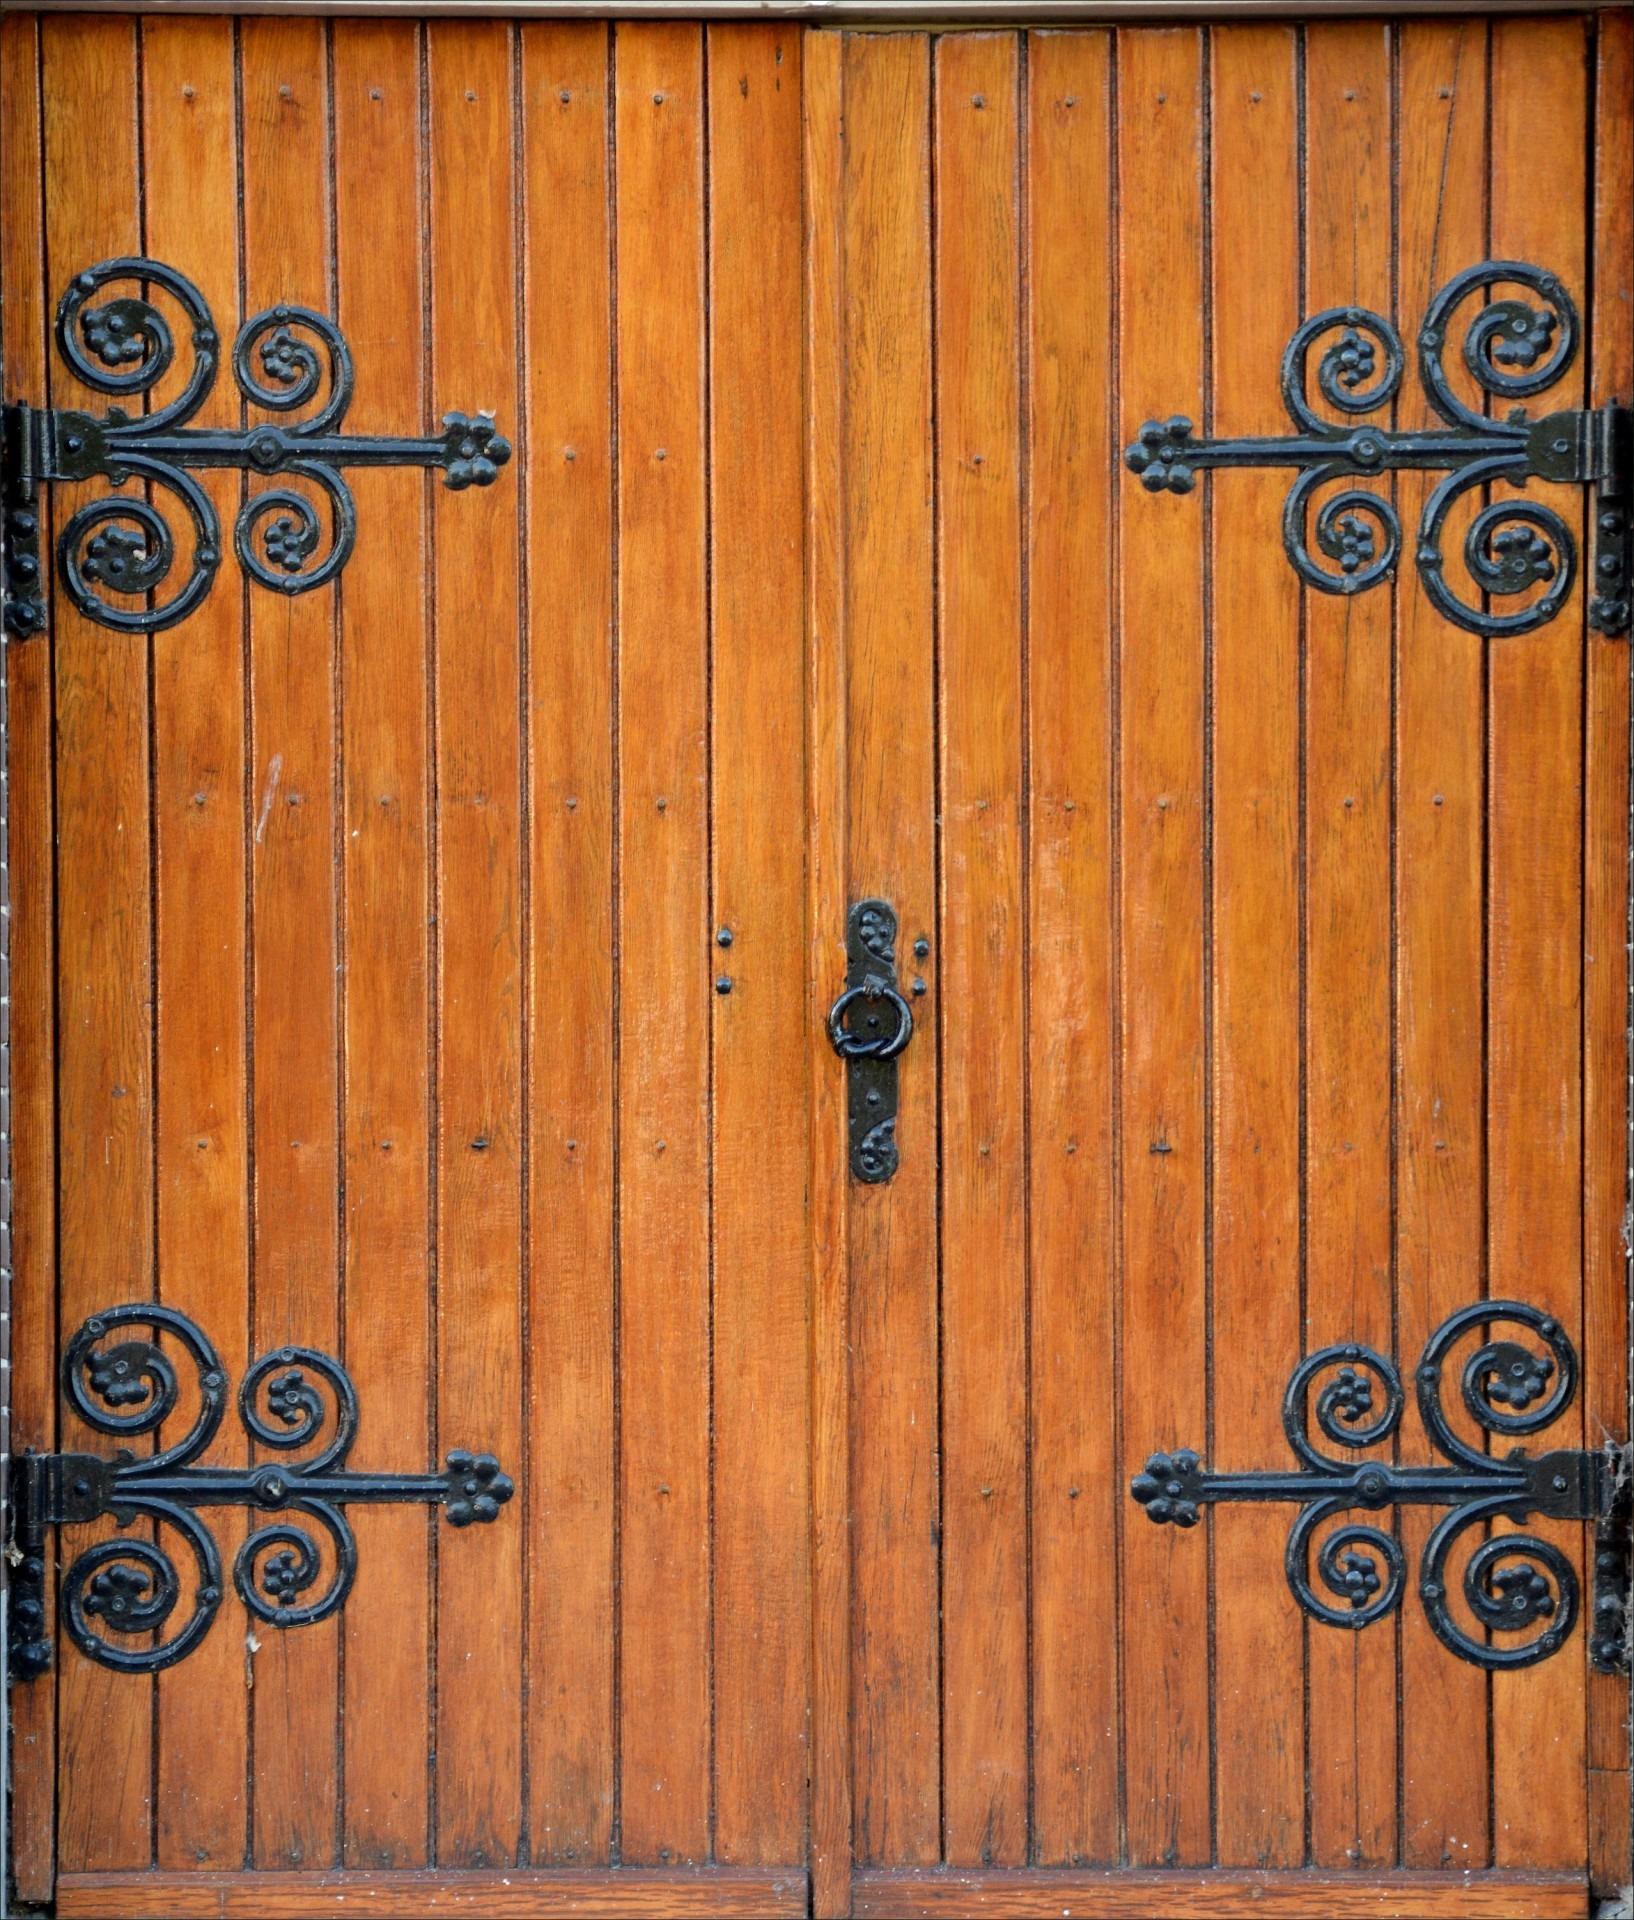 Holz Zuhause Dekoration Ausfahrt Eingang Tor Tür Tür Hartholz Portal  Eingeben Garagentor Nichtbau Struktur Holzbeize